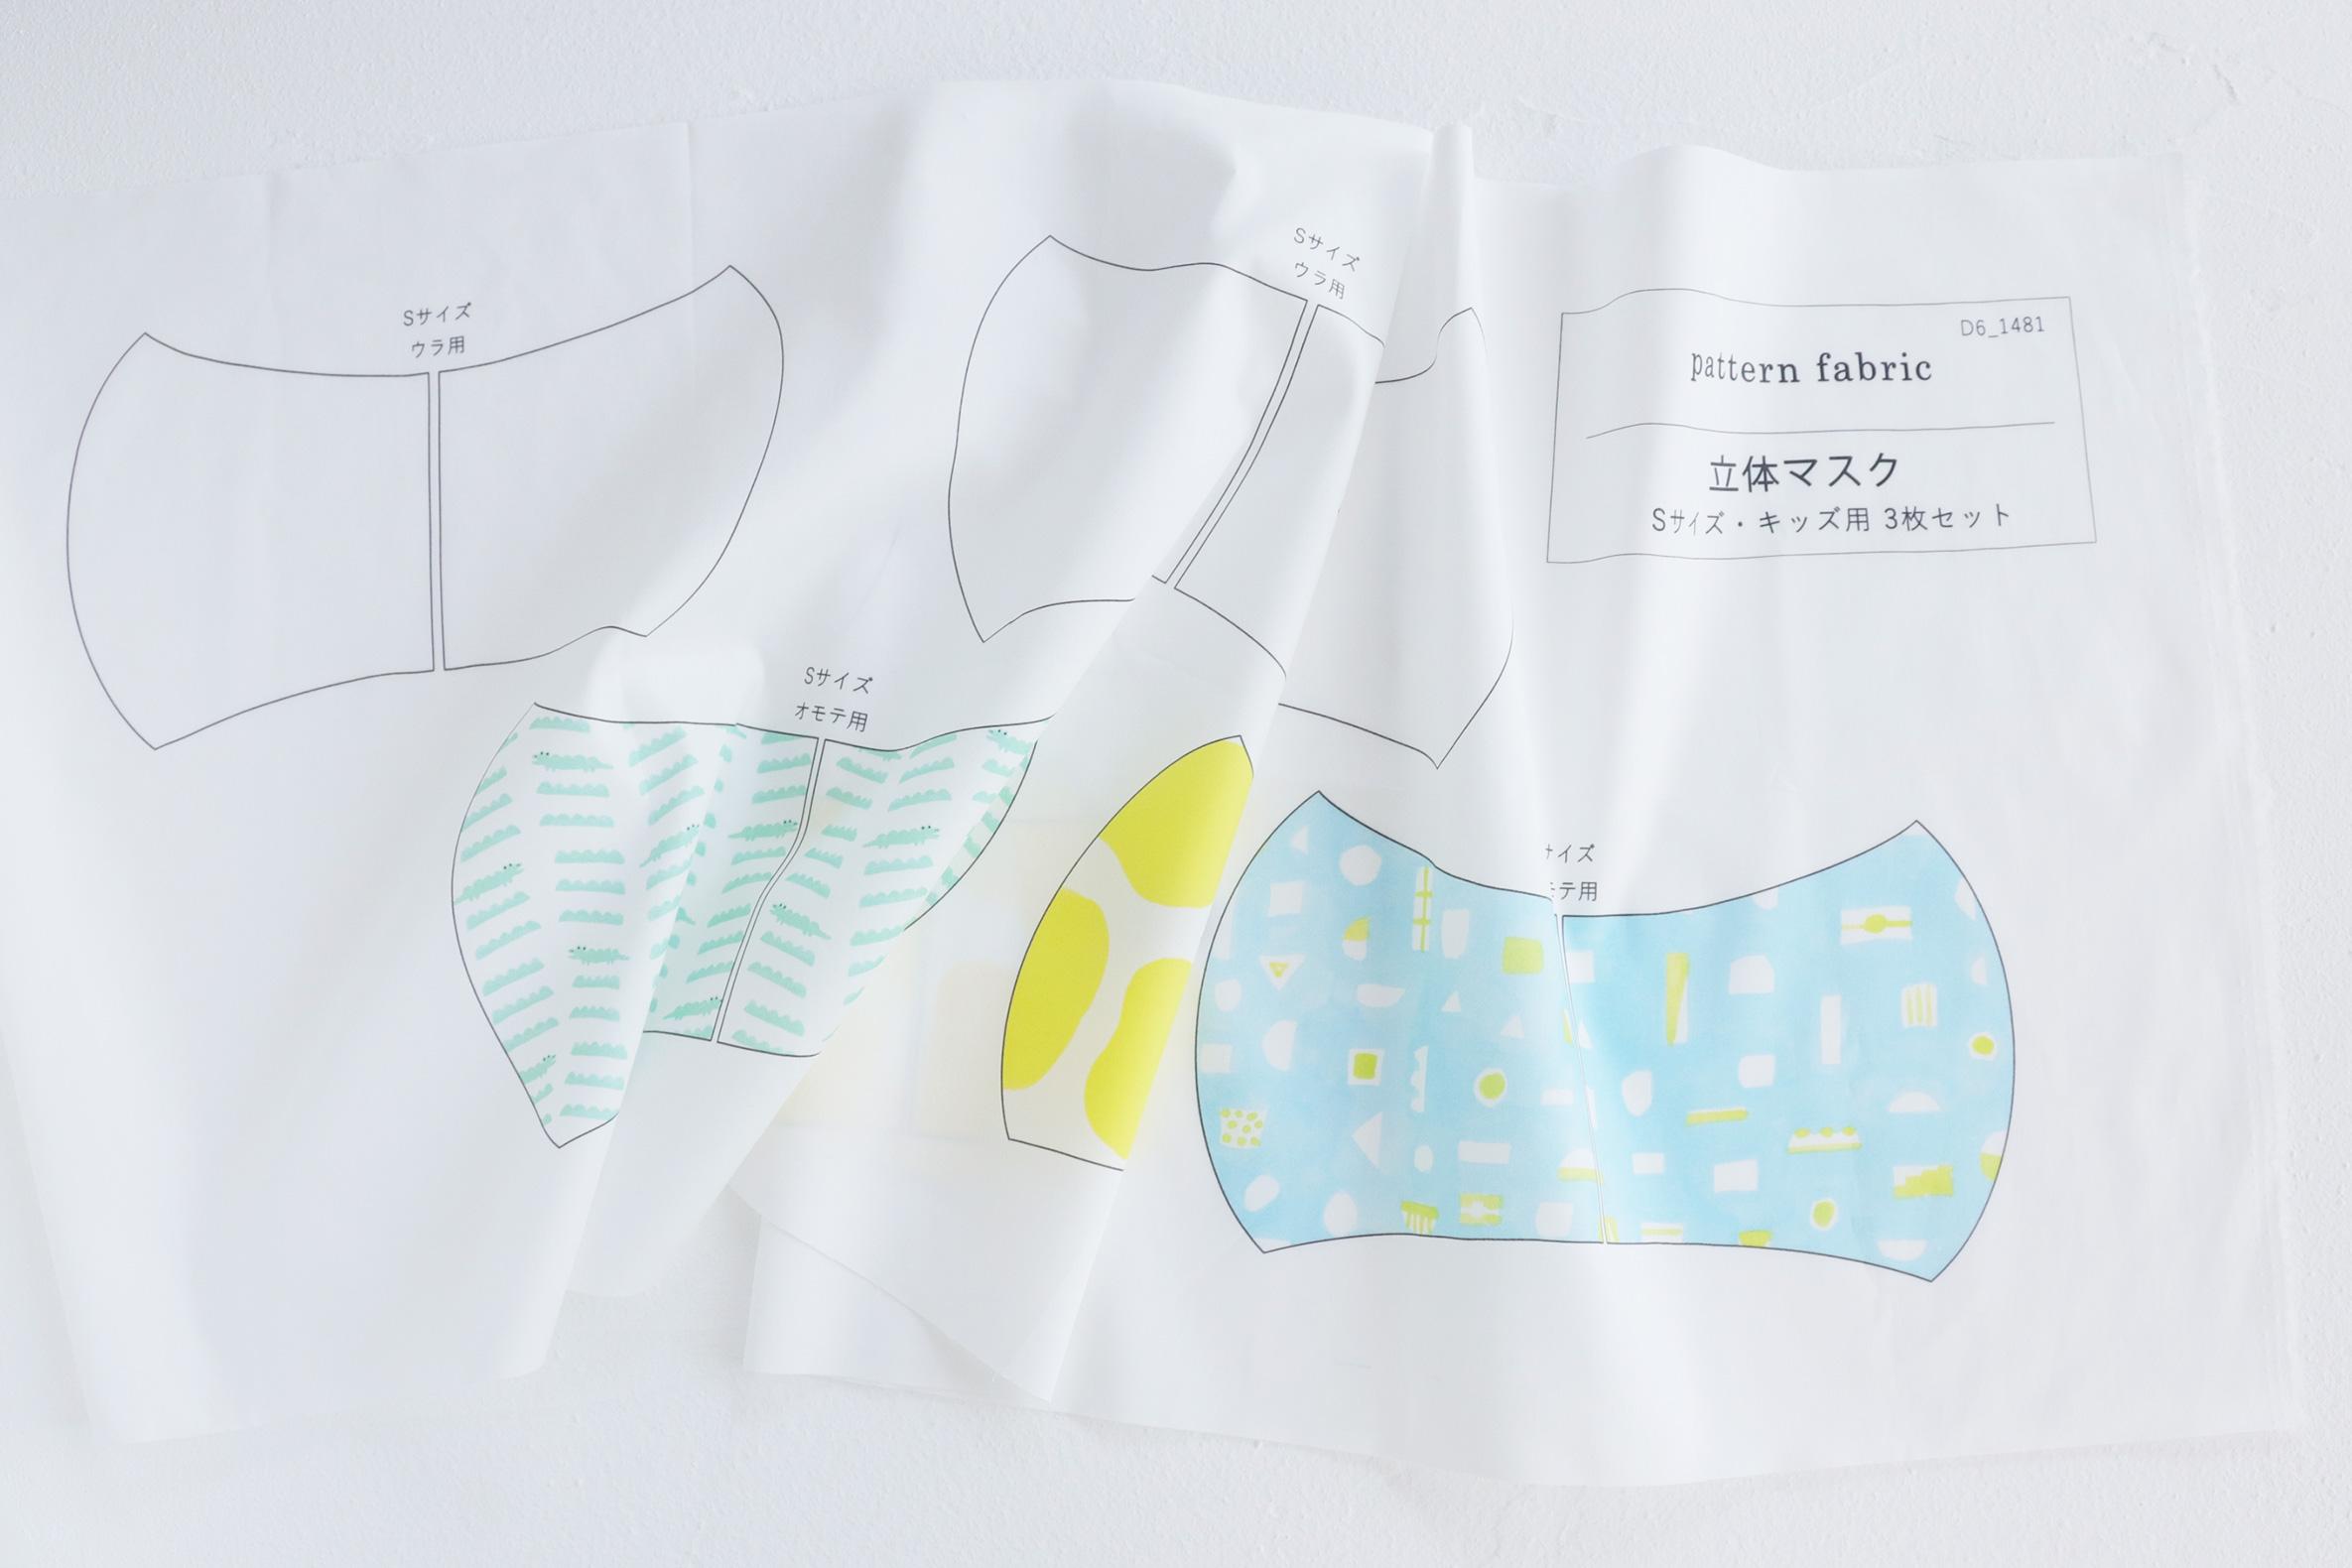 パターンファブリック:立体マスク